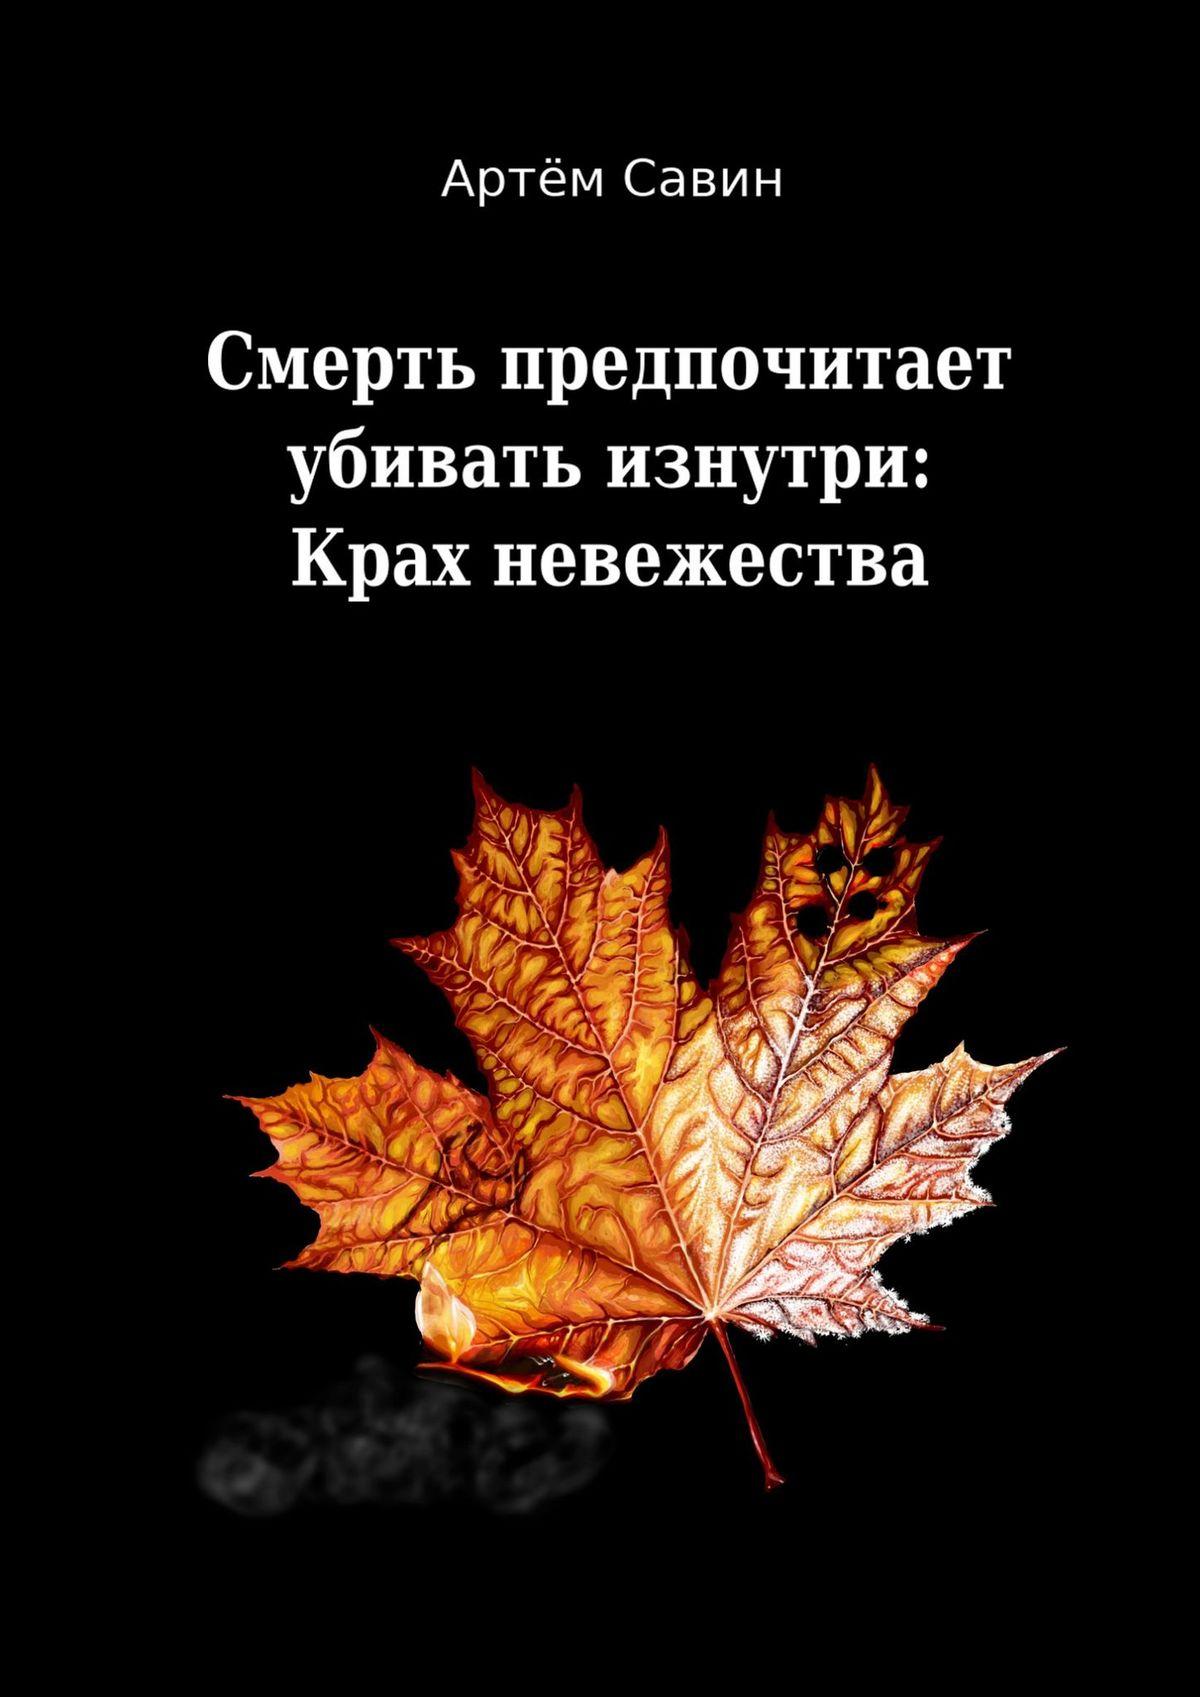 Артём Савин - Смерть предпочитает убивать изнутри: Крах невежества